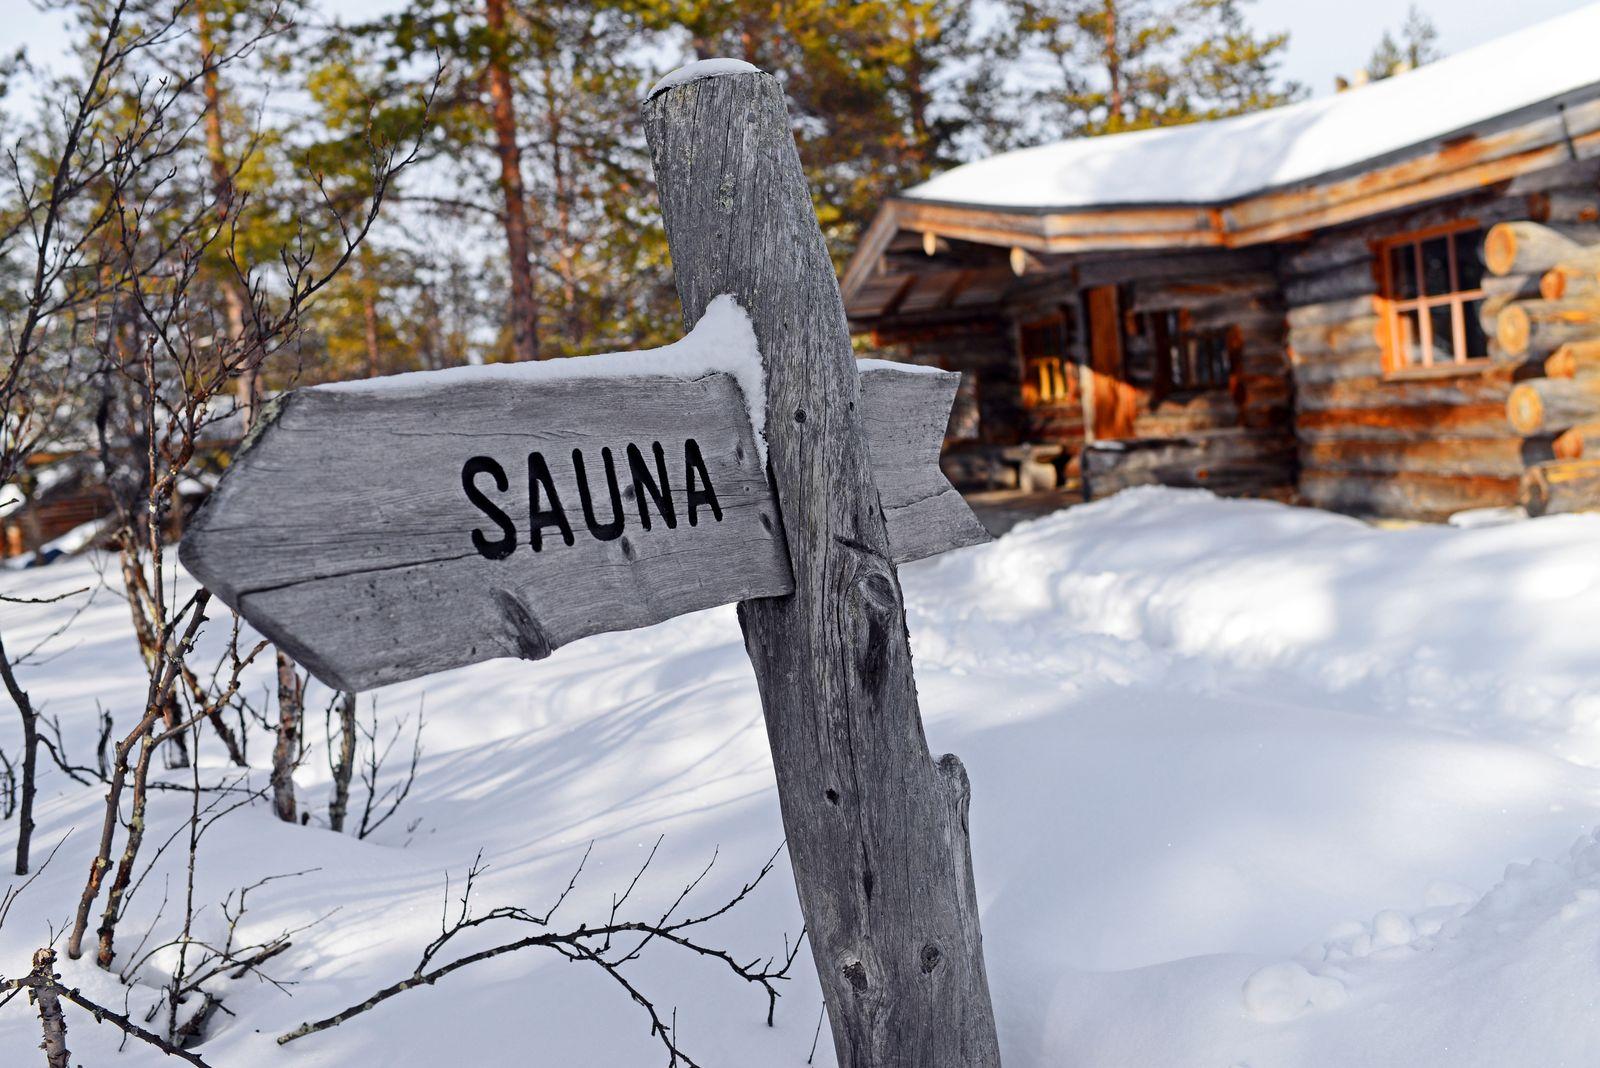 NICHT MEHR VERWENDEN! - EINMALIGE VERWENDUNG Reiseziele/ März/ Finnland